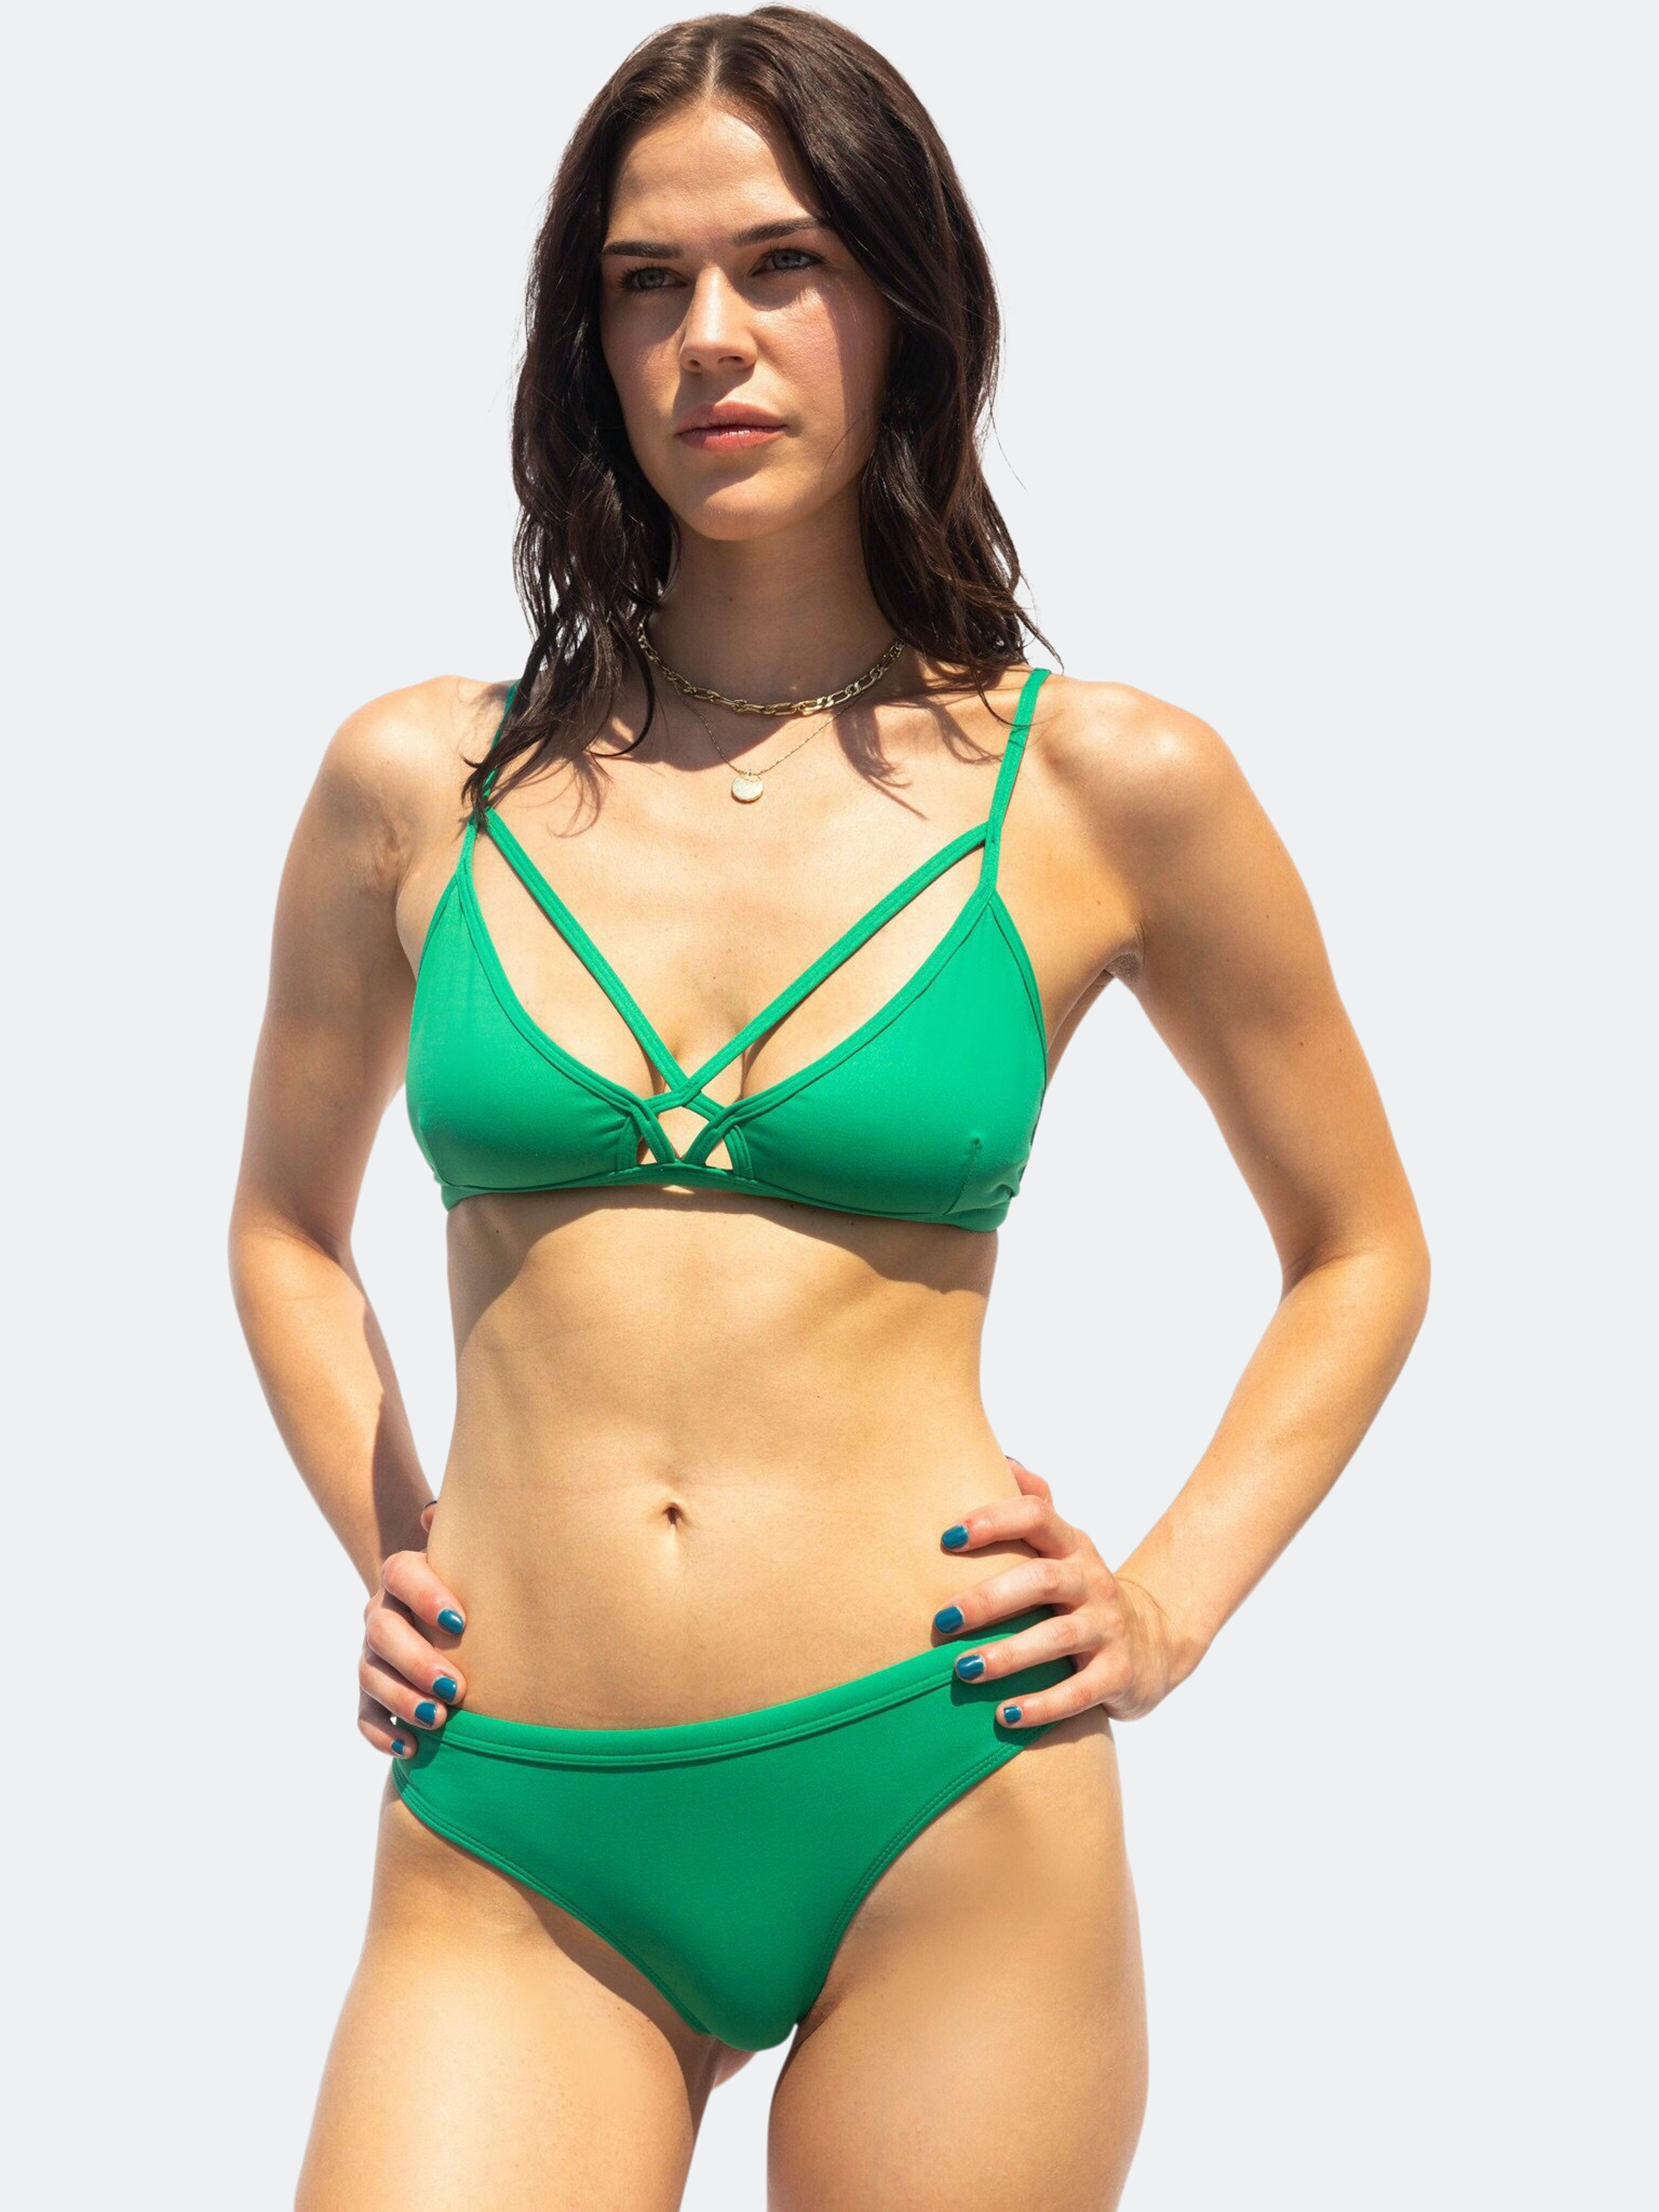 Bezzant Emerald Bikini Bottoms In Green